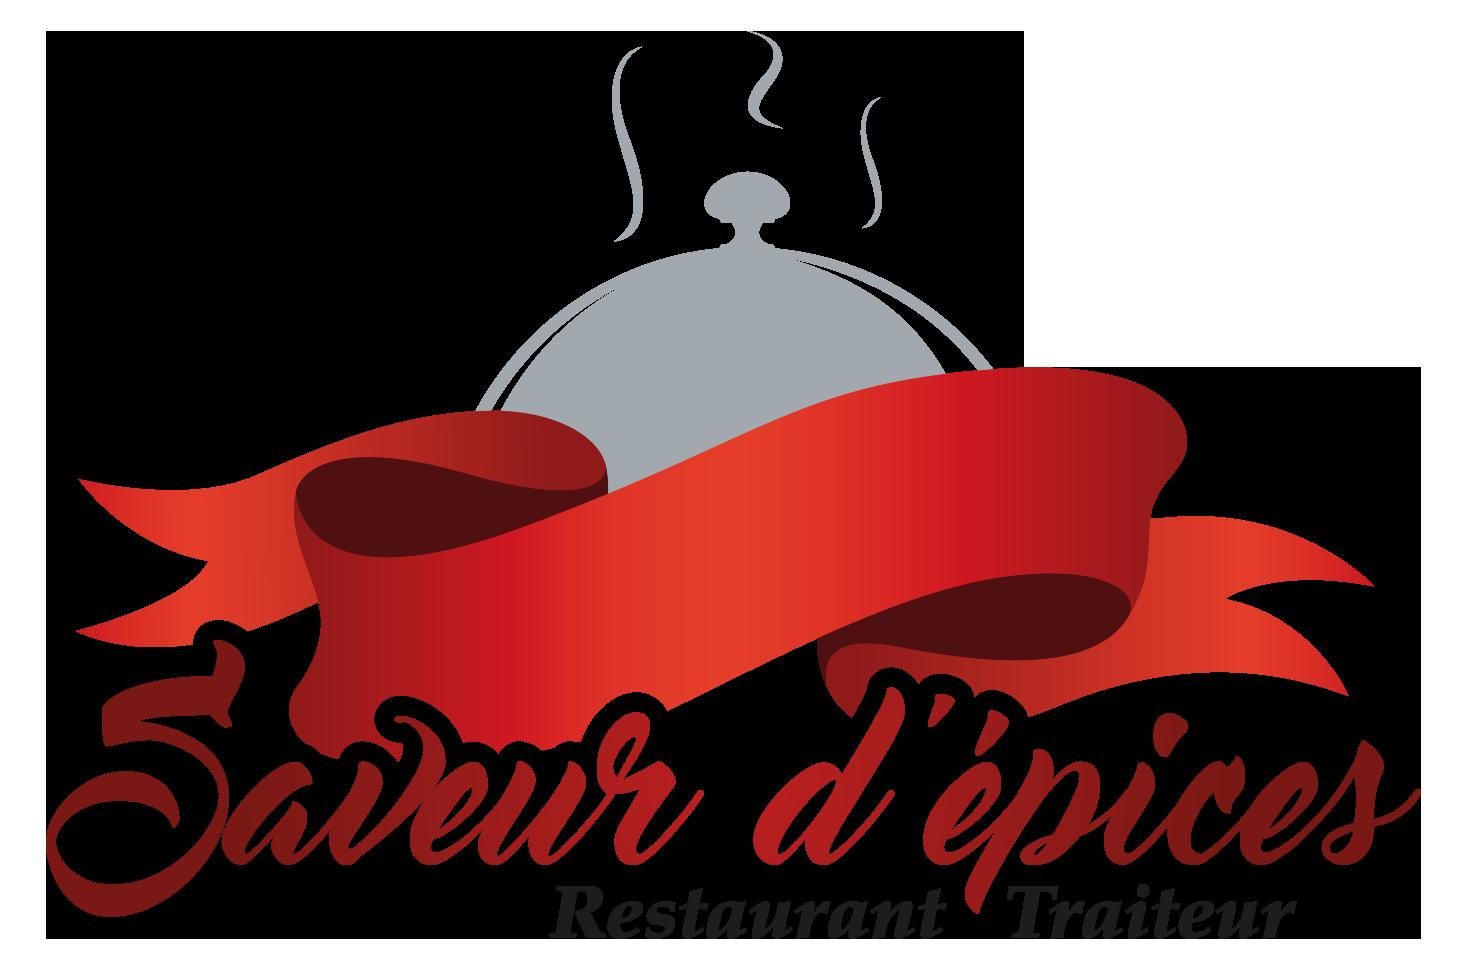 Saveur d'épice : Brand Short Description Type Here.